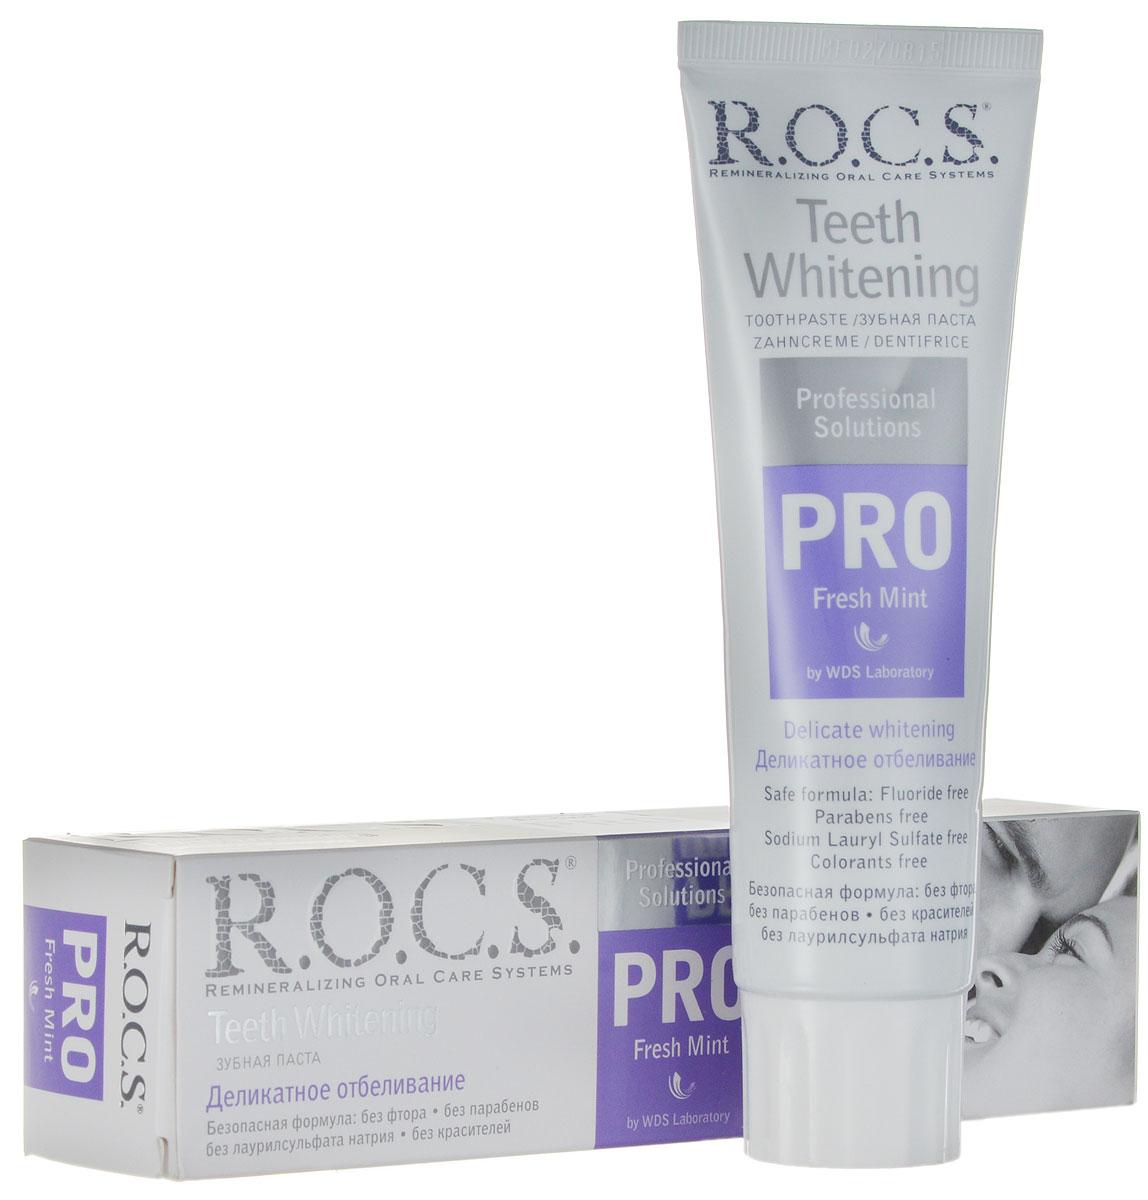 R.O.C.S Зубная паста PRO Delicate White, Fresh MintMP59.4DДля безупречной красоты вашей улыбки и чистоты зубов Безопасная формула: не содержит фтор, лаурилсульфат натрия, парабены и красители Подходит для постоянного ежедневного использования